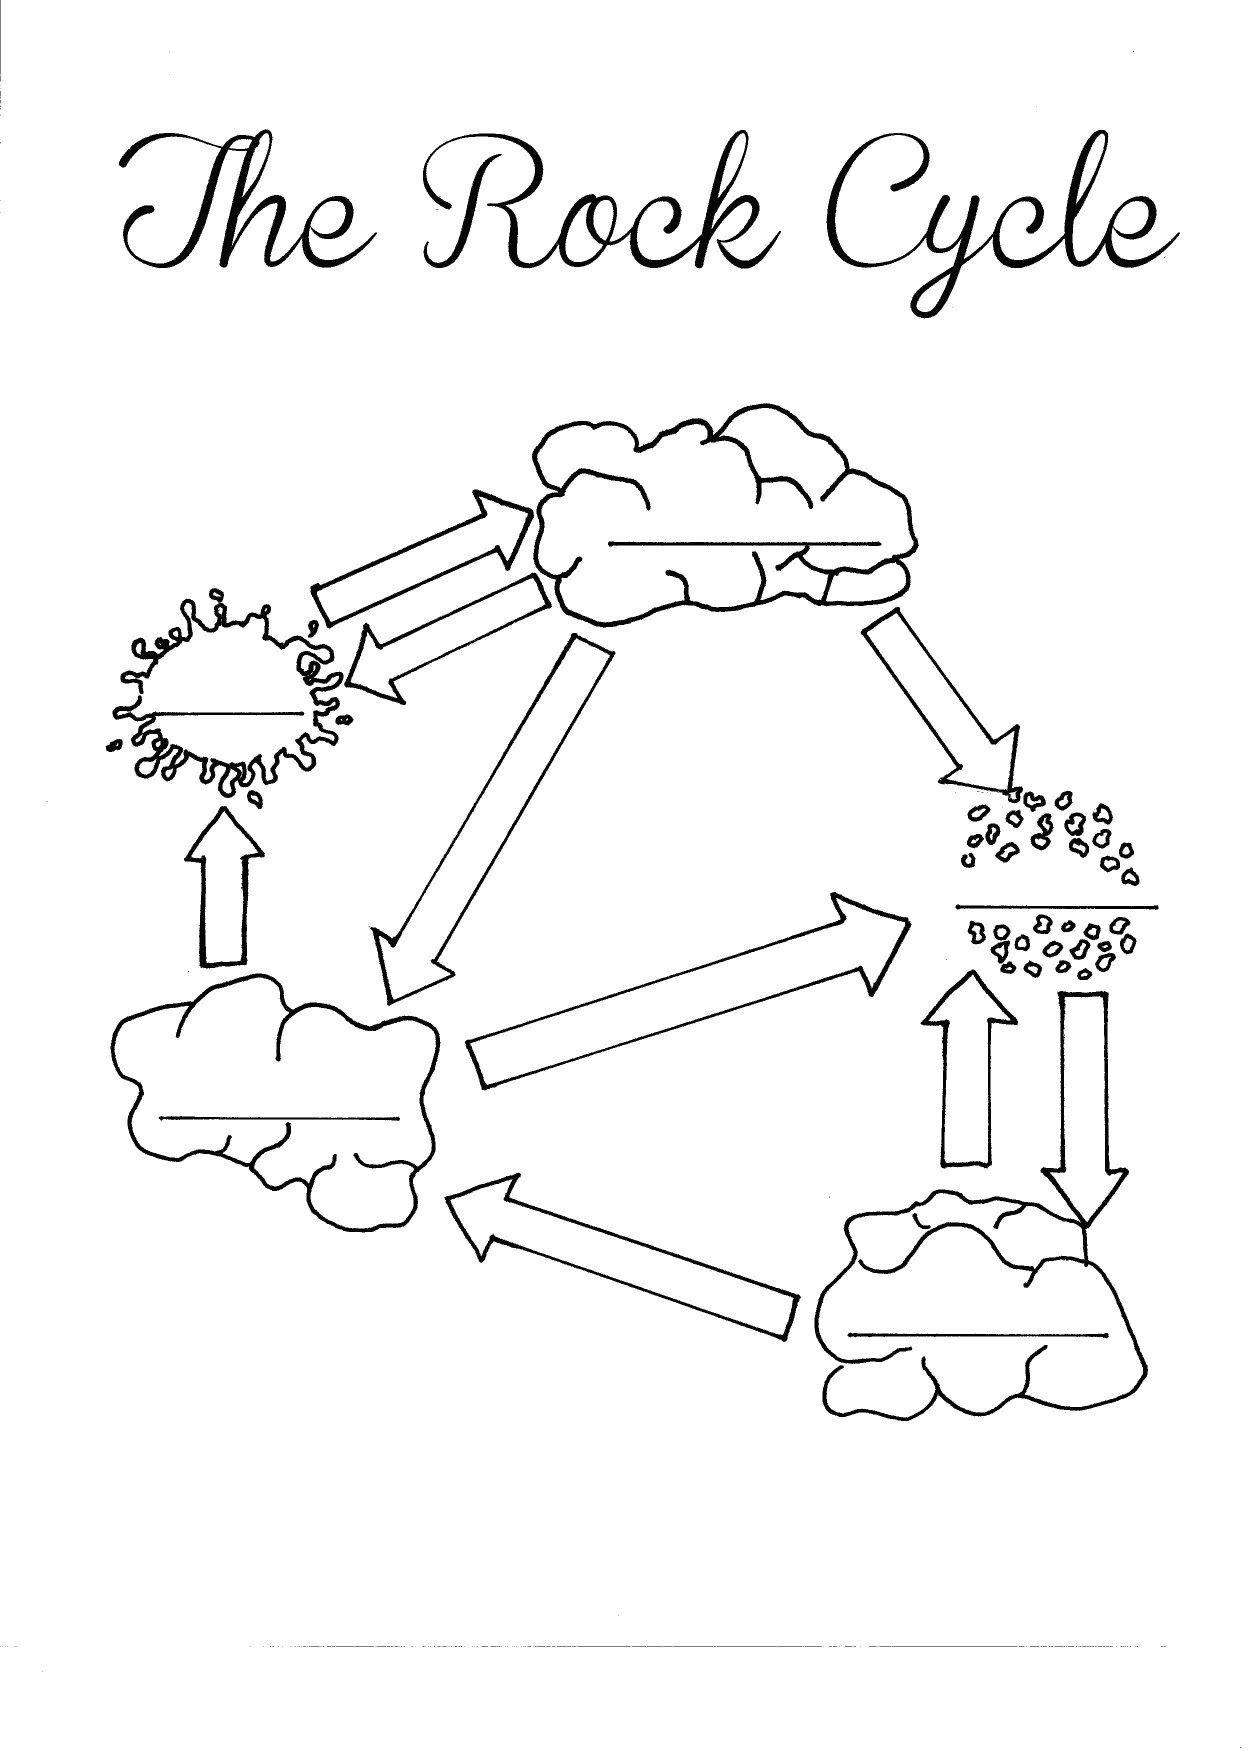 Carbon Cycle Diagram Worksheet